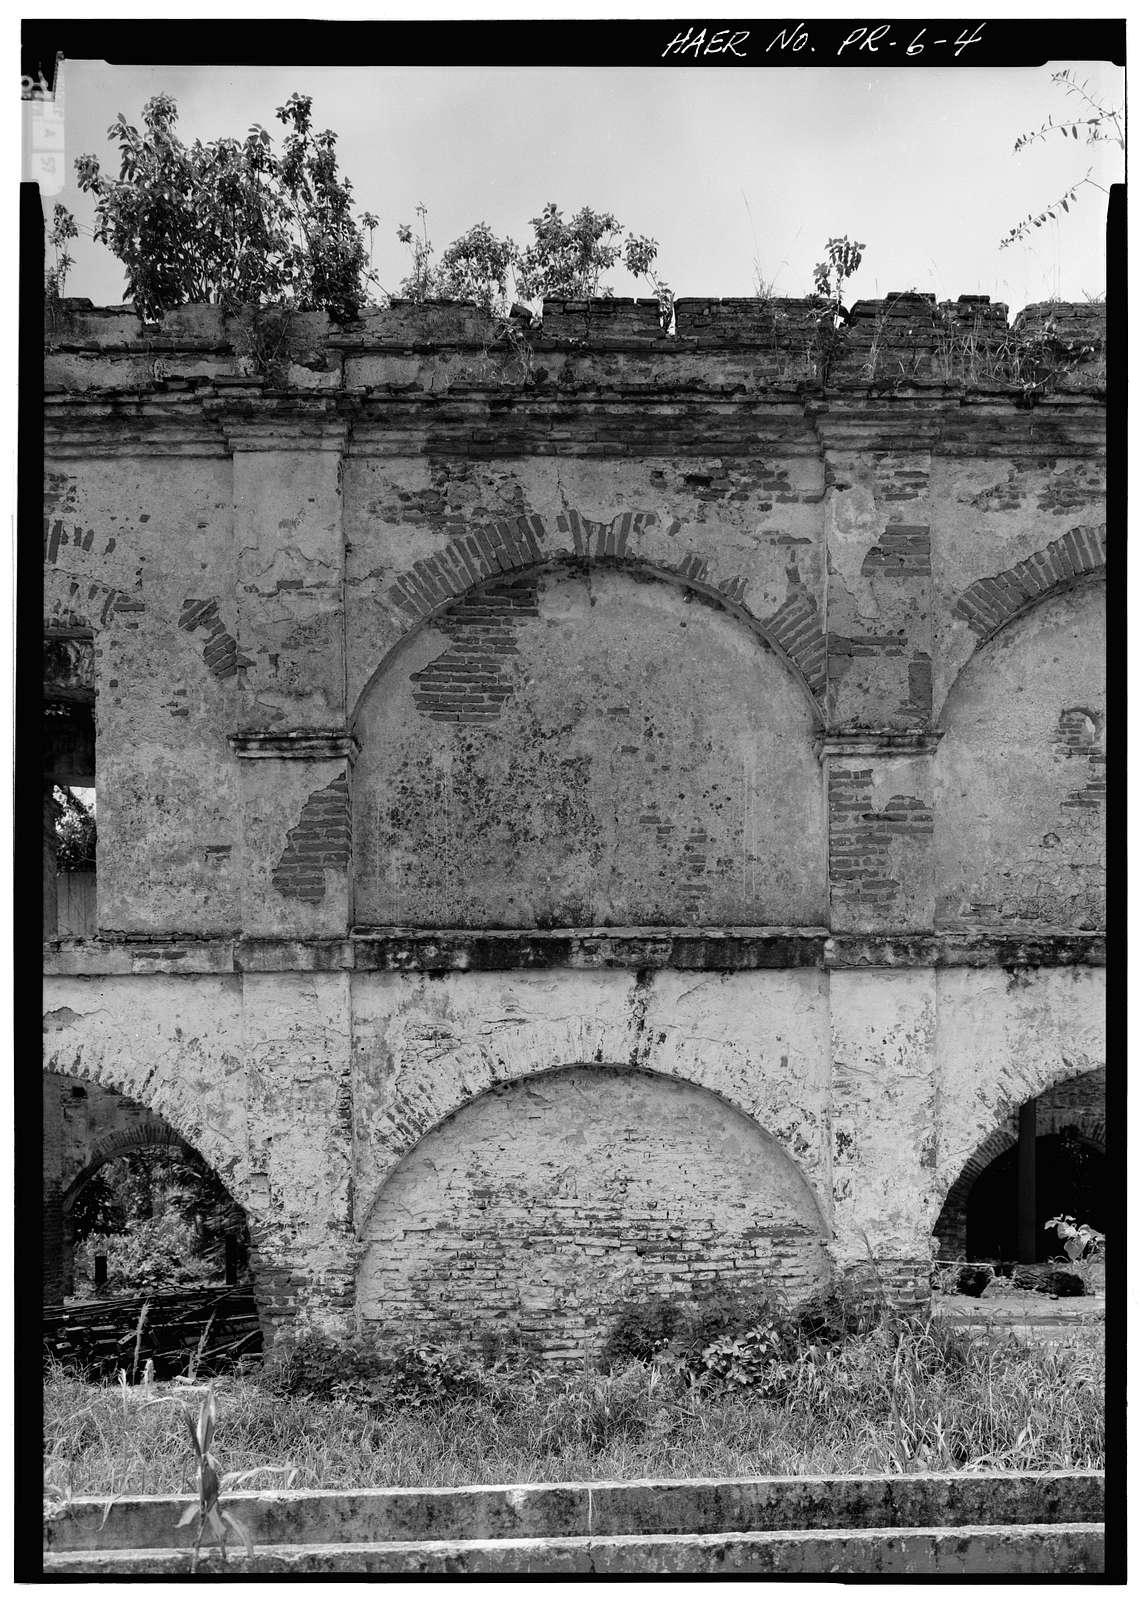 Hacienda Azurarera Santa Elena, Sugar Mill Ruins, 1.44 miles North of PR Route 2 Bridge Over Rio De La Plata, Toa Baja, Toa Baja Municipio, PR